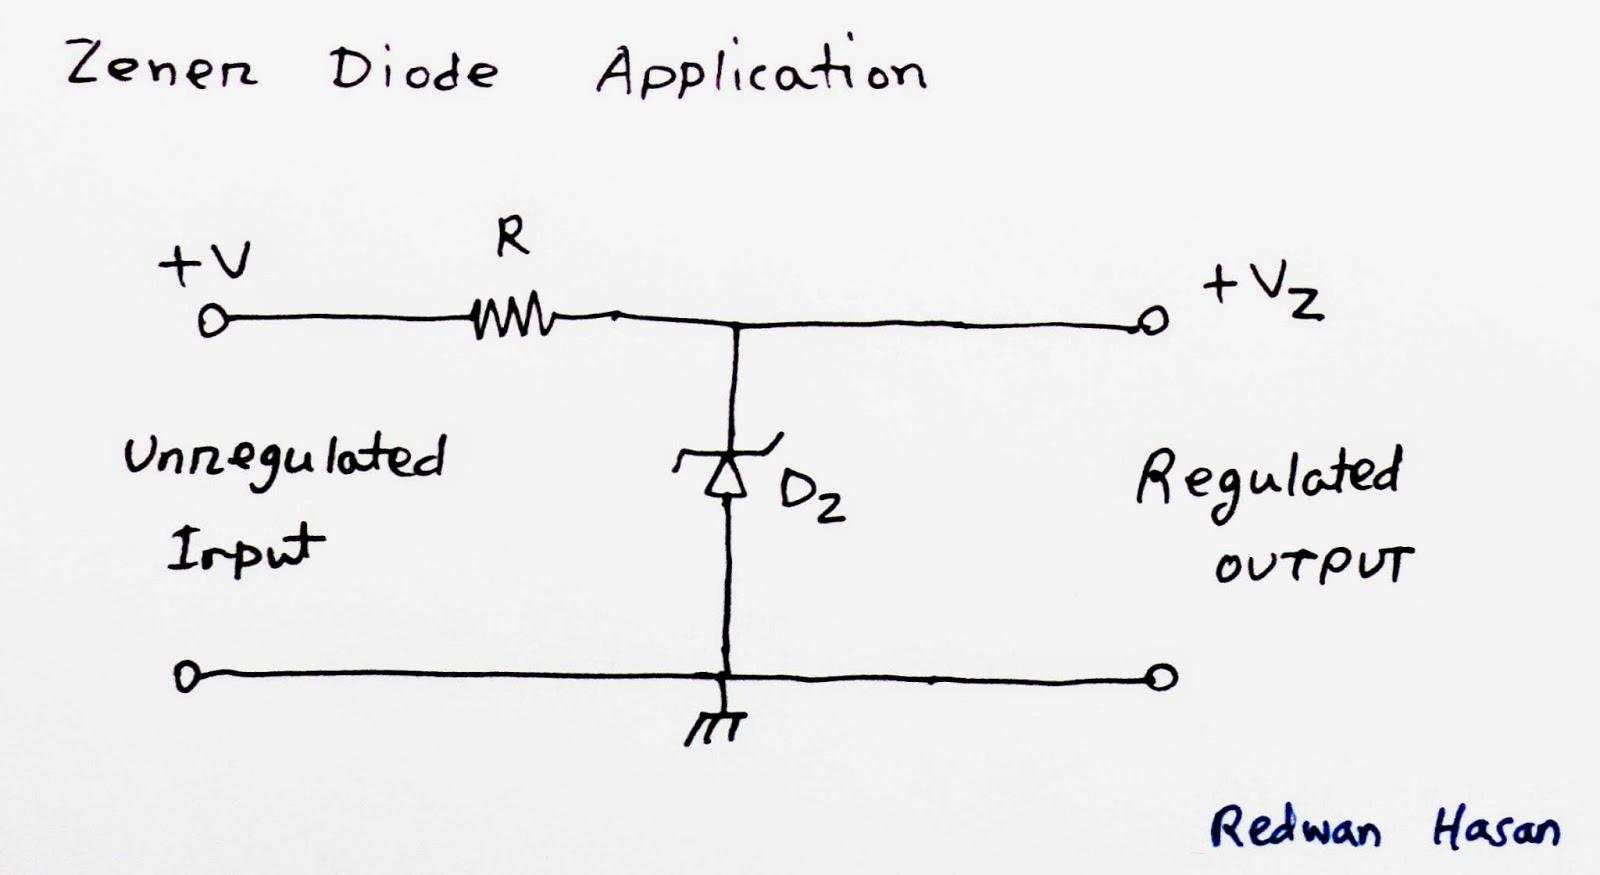 scavenger u0026 39 s blog  zener diode and linear voltage regulation